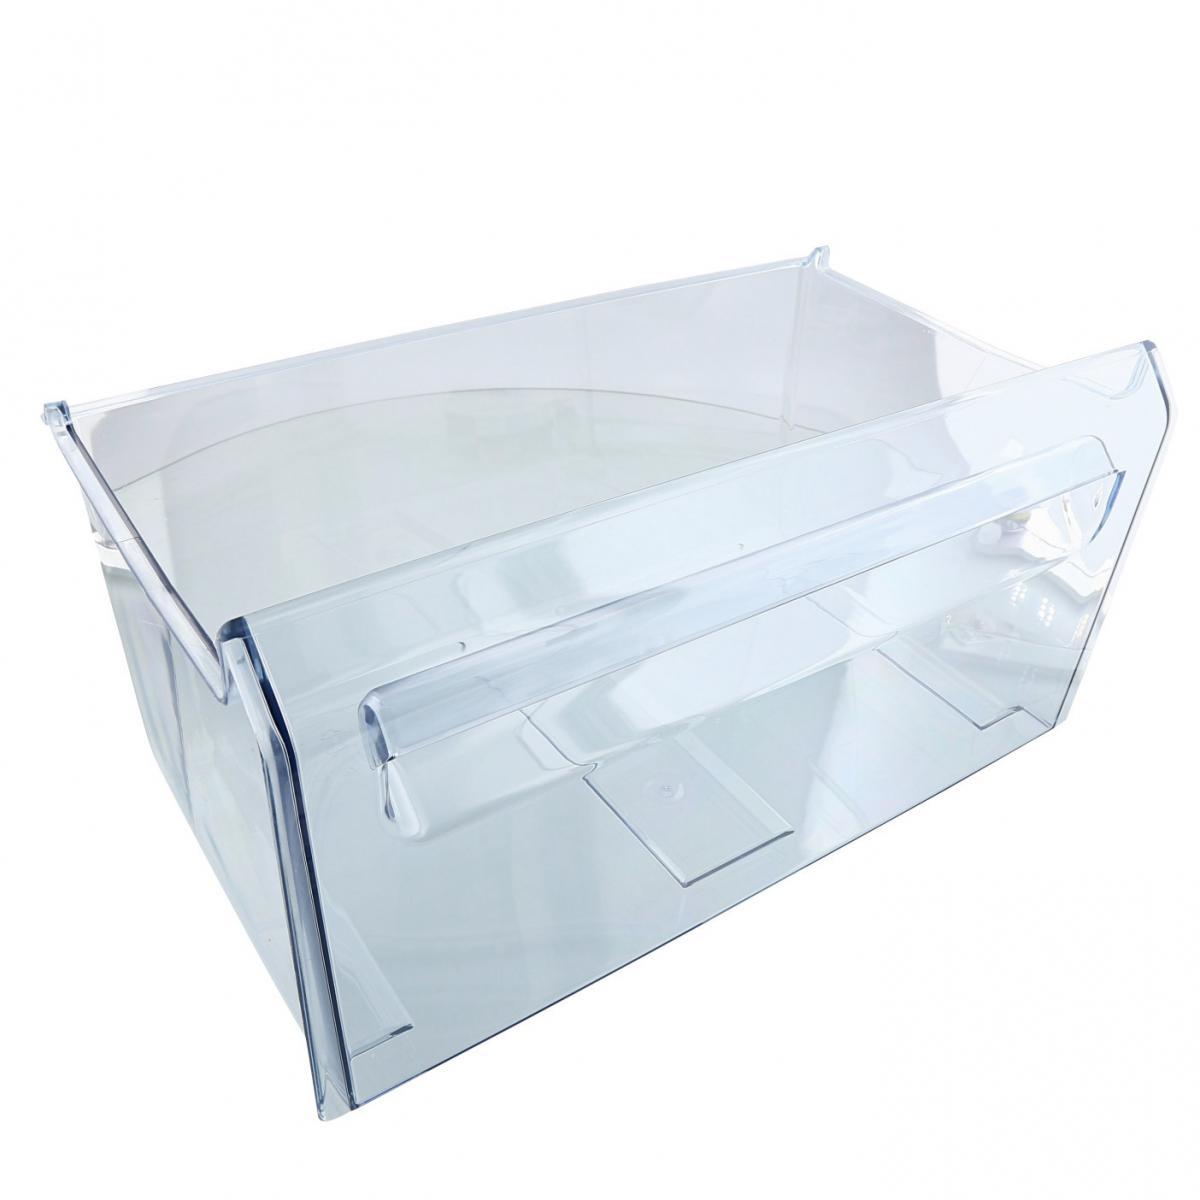 купить ящик для морозильной камеры холодильника